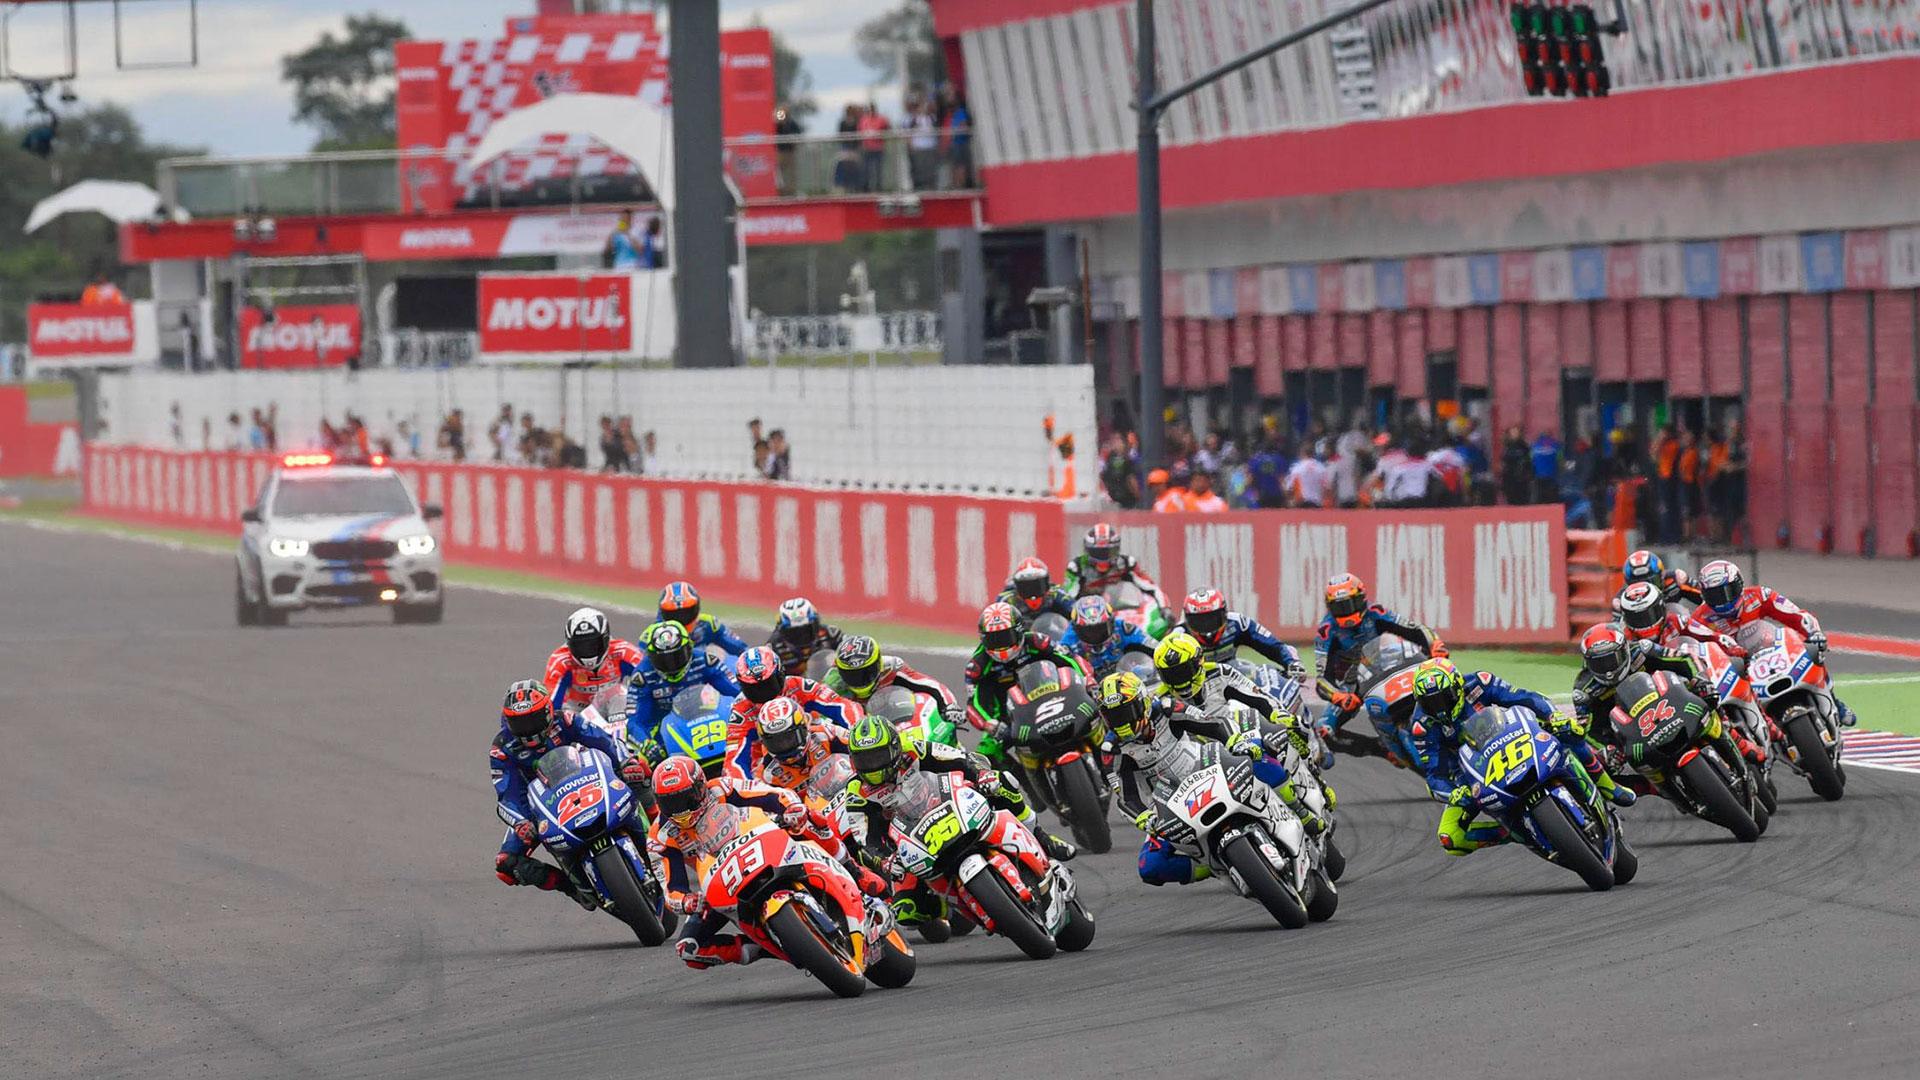 MotoGP-Argentina-2018-Termas-de-Rio-Hondo-1